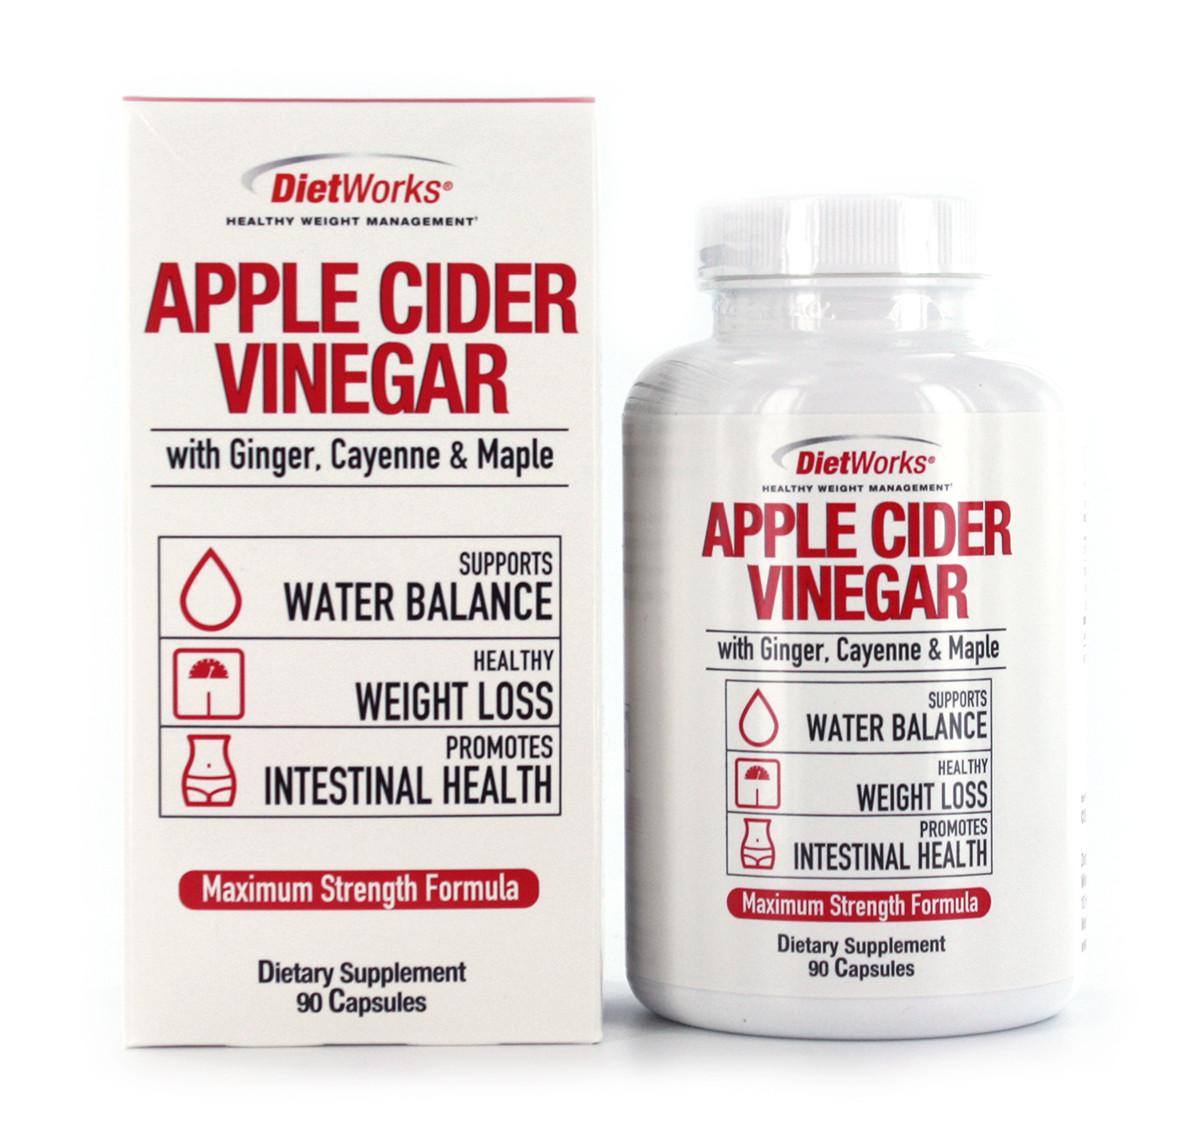 Keto Diet Pills Walmart  DietWorks Apple Cider Vinegar Dietary Supplement 90